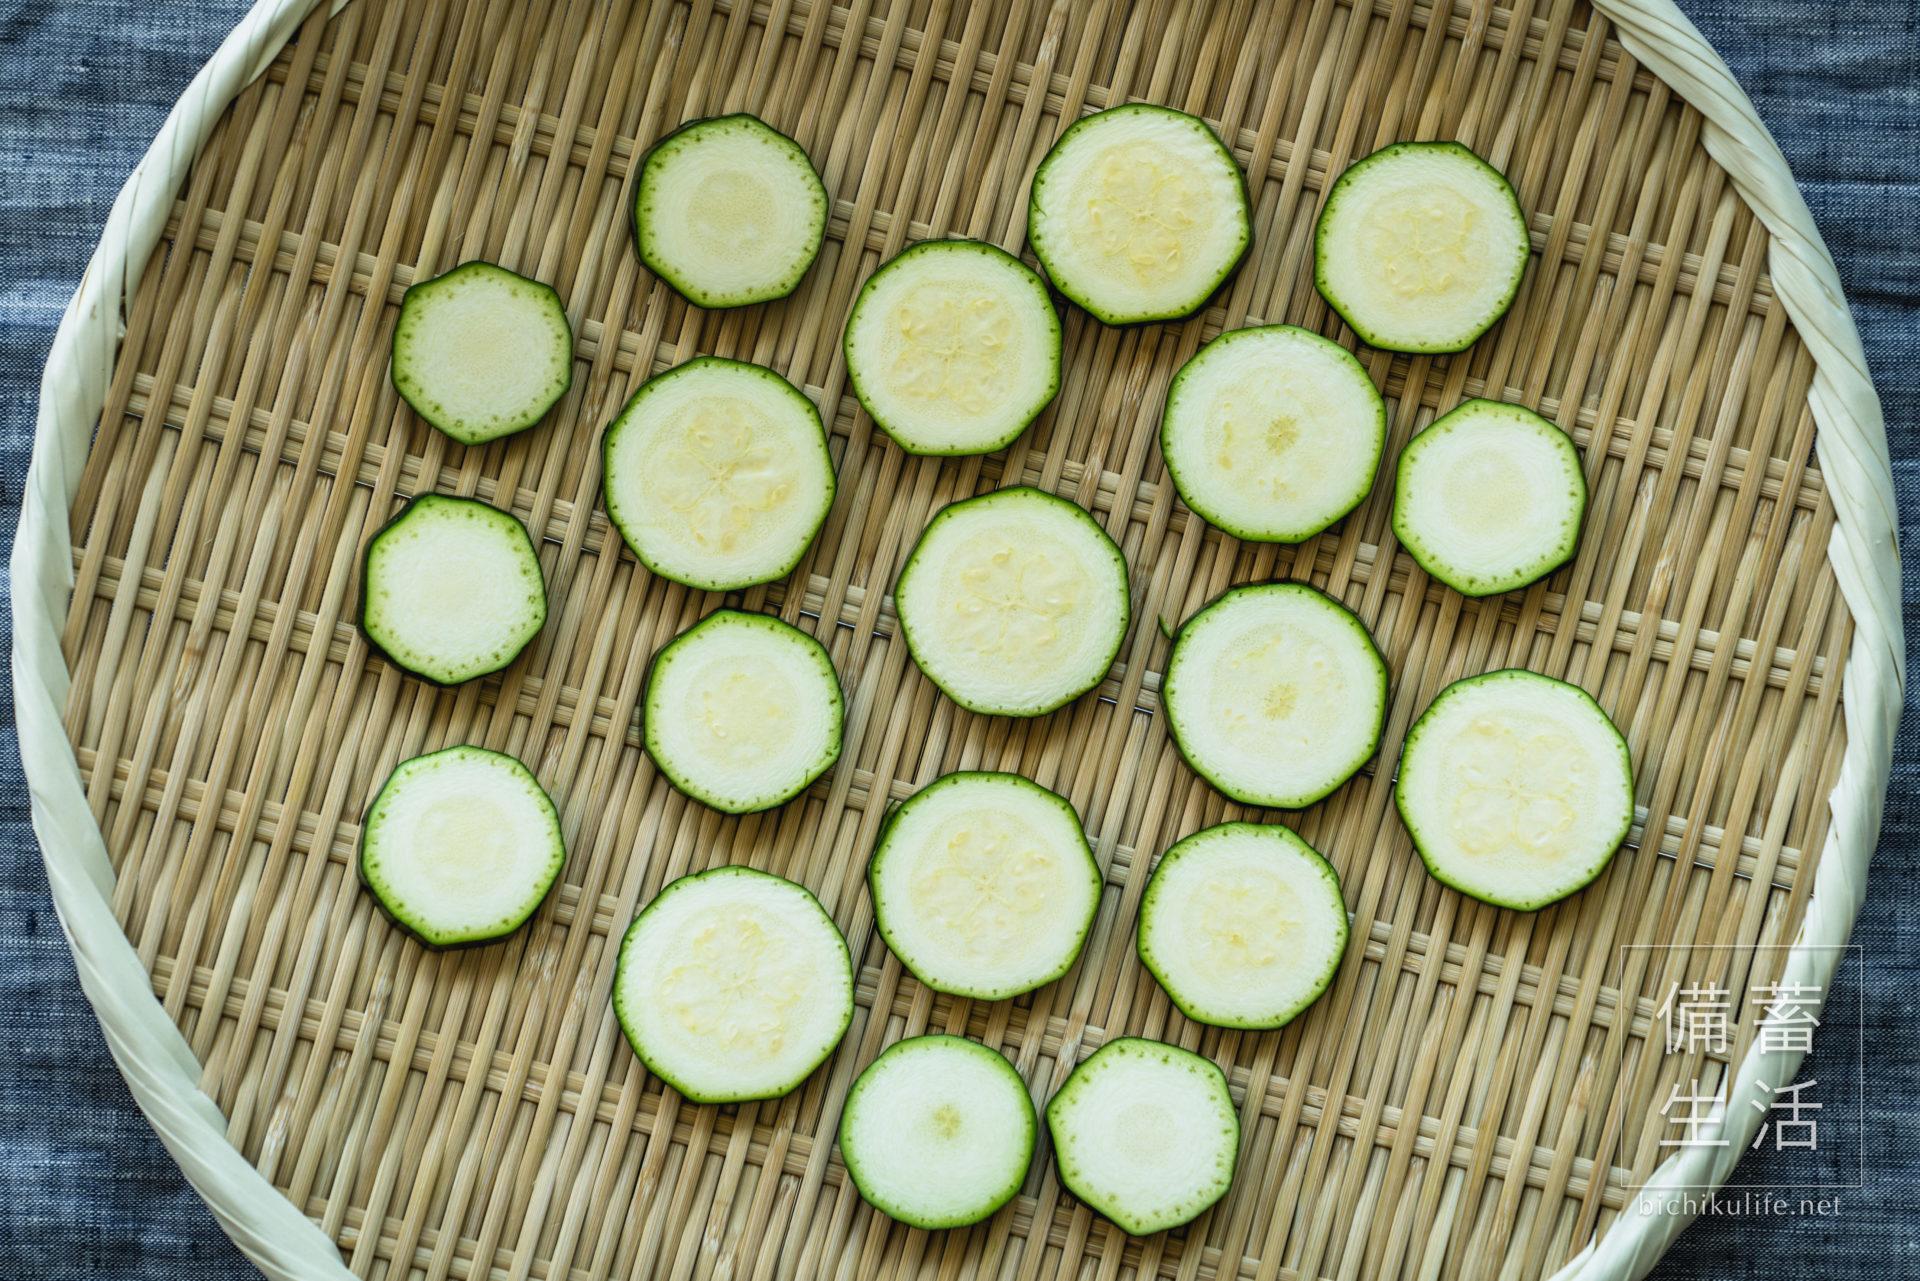 ズッキーニ 干し野菜づくり -干しズッキーニ-